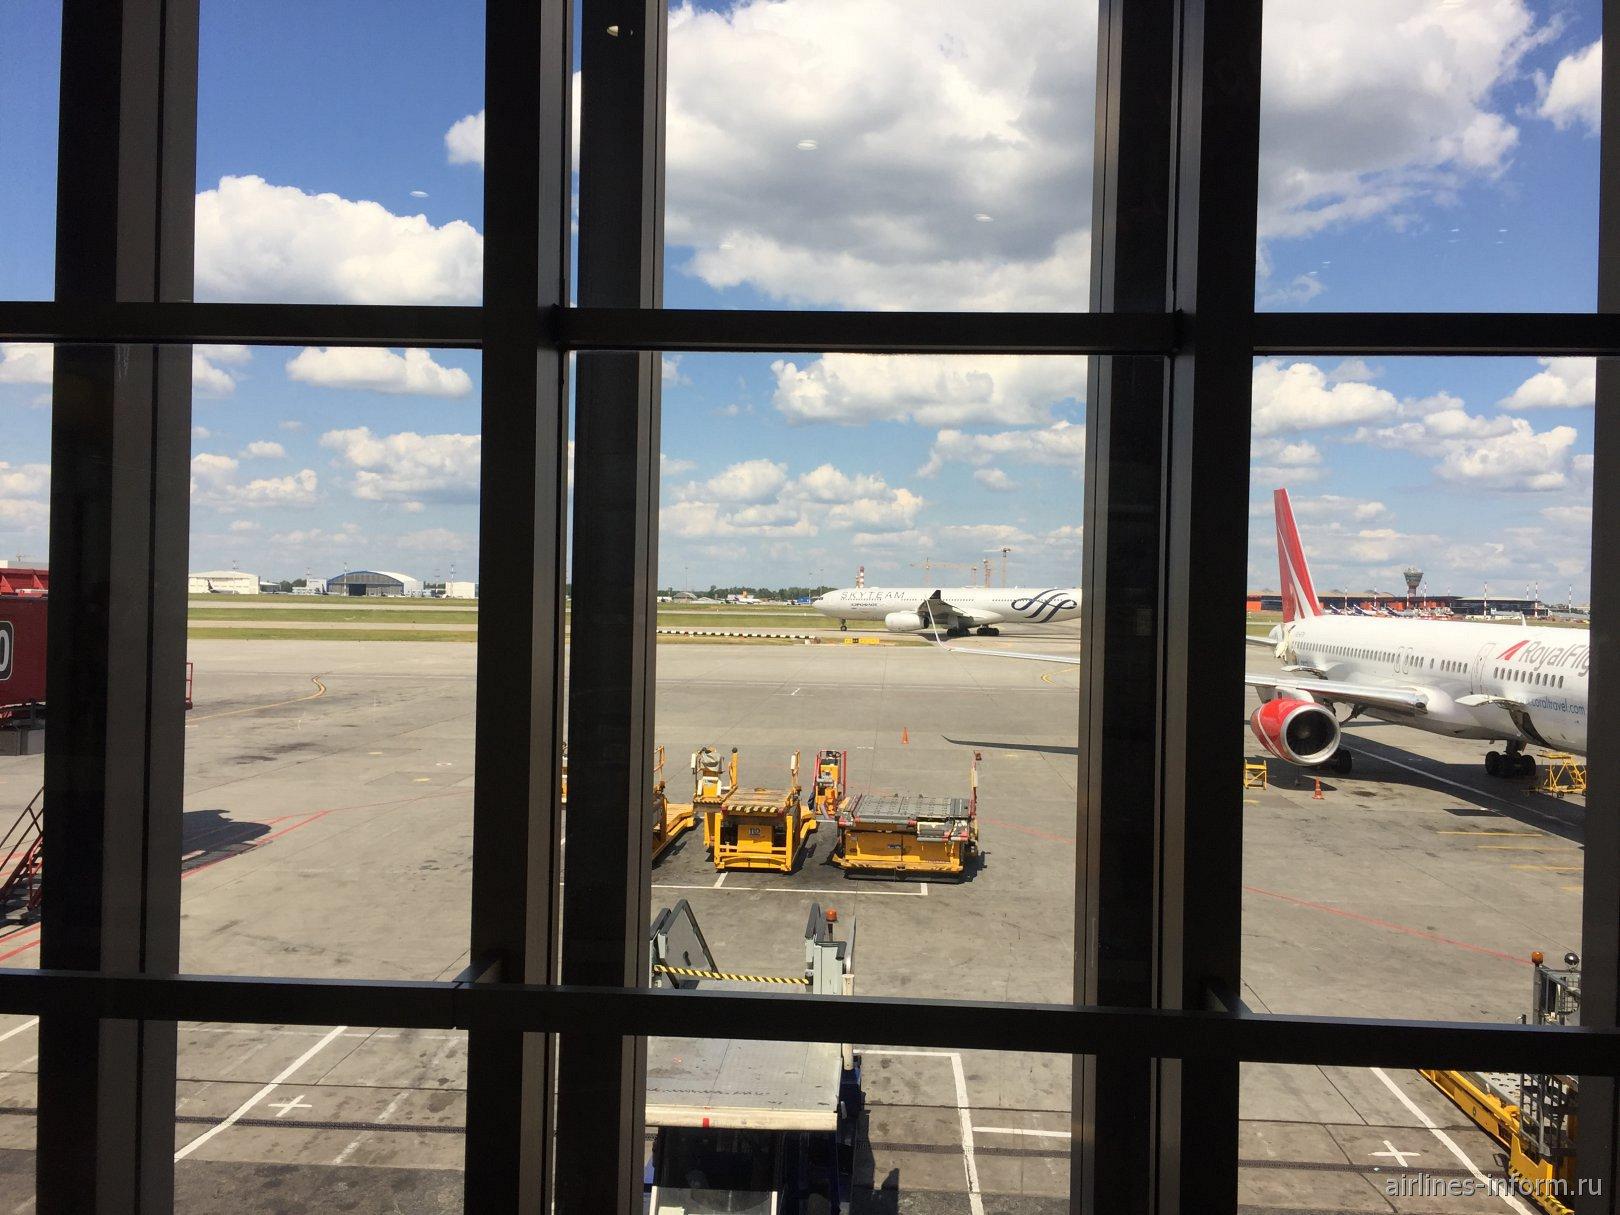 Прилетел а330-333 аэрофлот Sky Team из Майами,а рядом с ним Boeing 757-200 royal flight из Греции